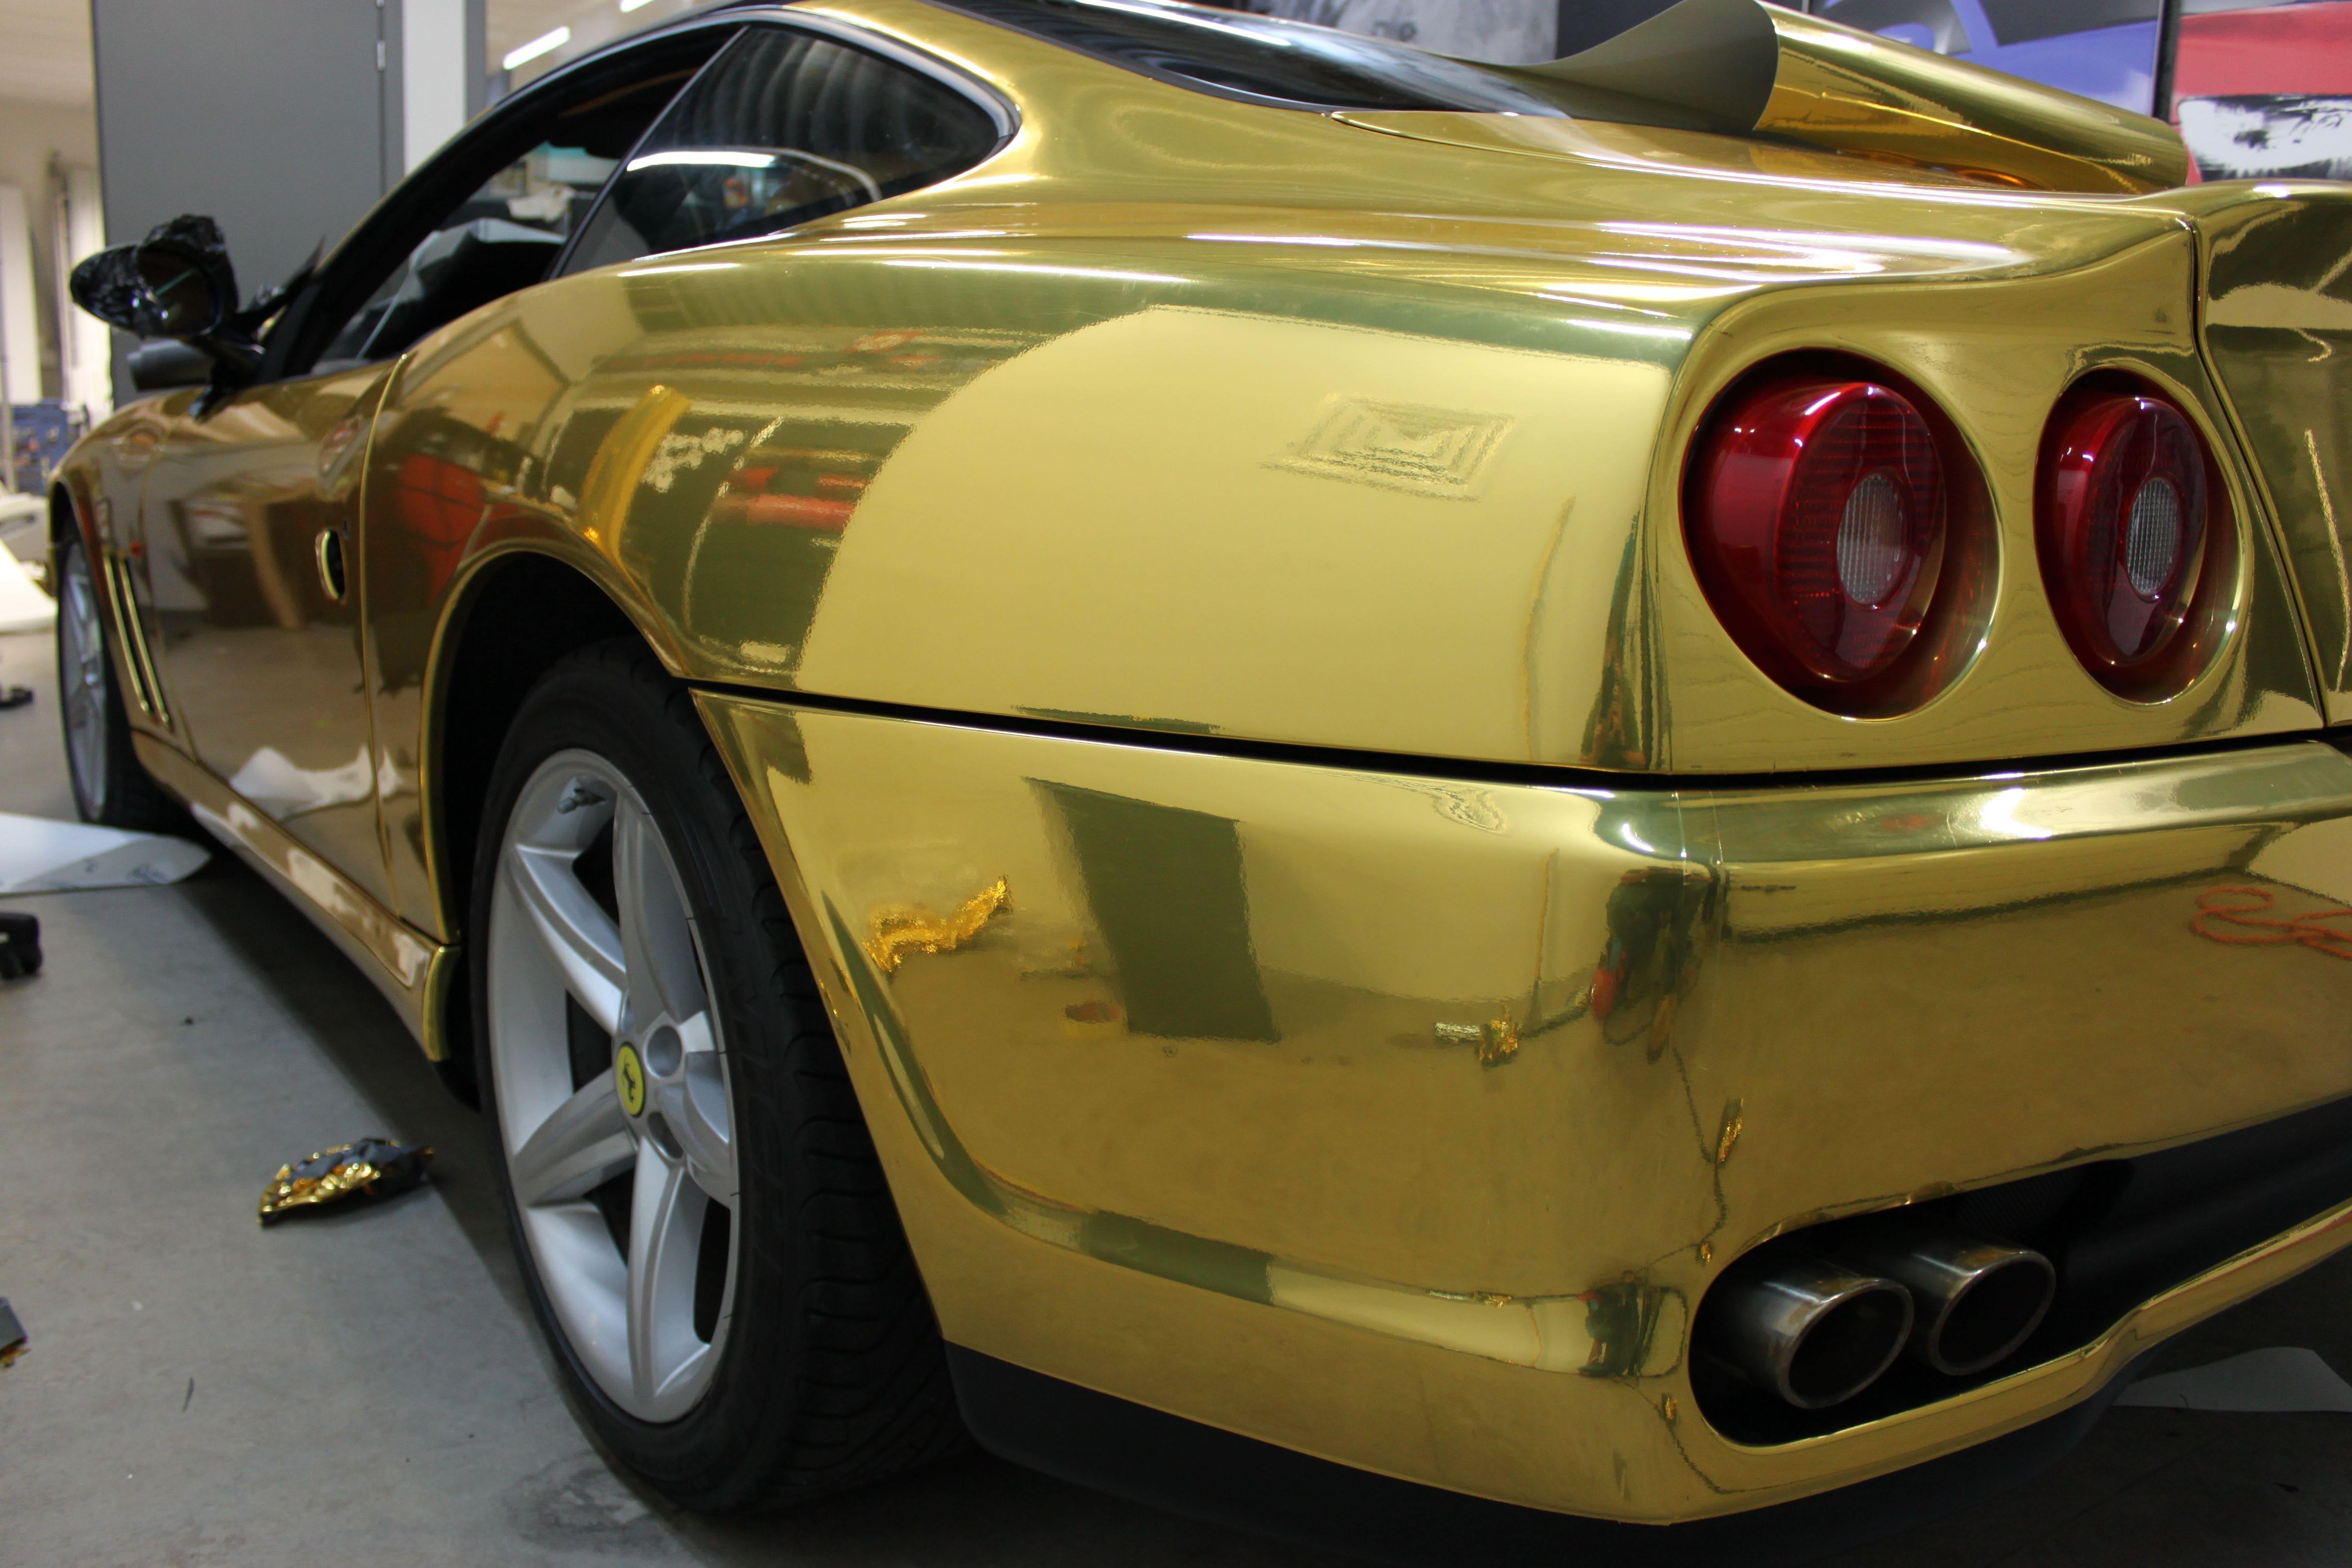 Ferrari 575 met Goud Chrome Wrap., Carwrapping door Wrapmyride.nu Foto-nr:5697, ©2021